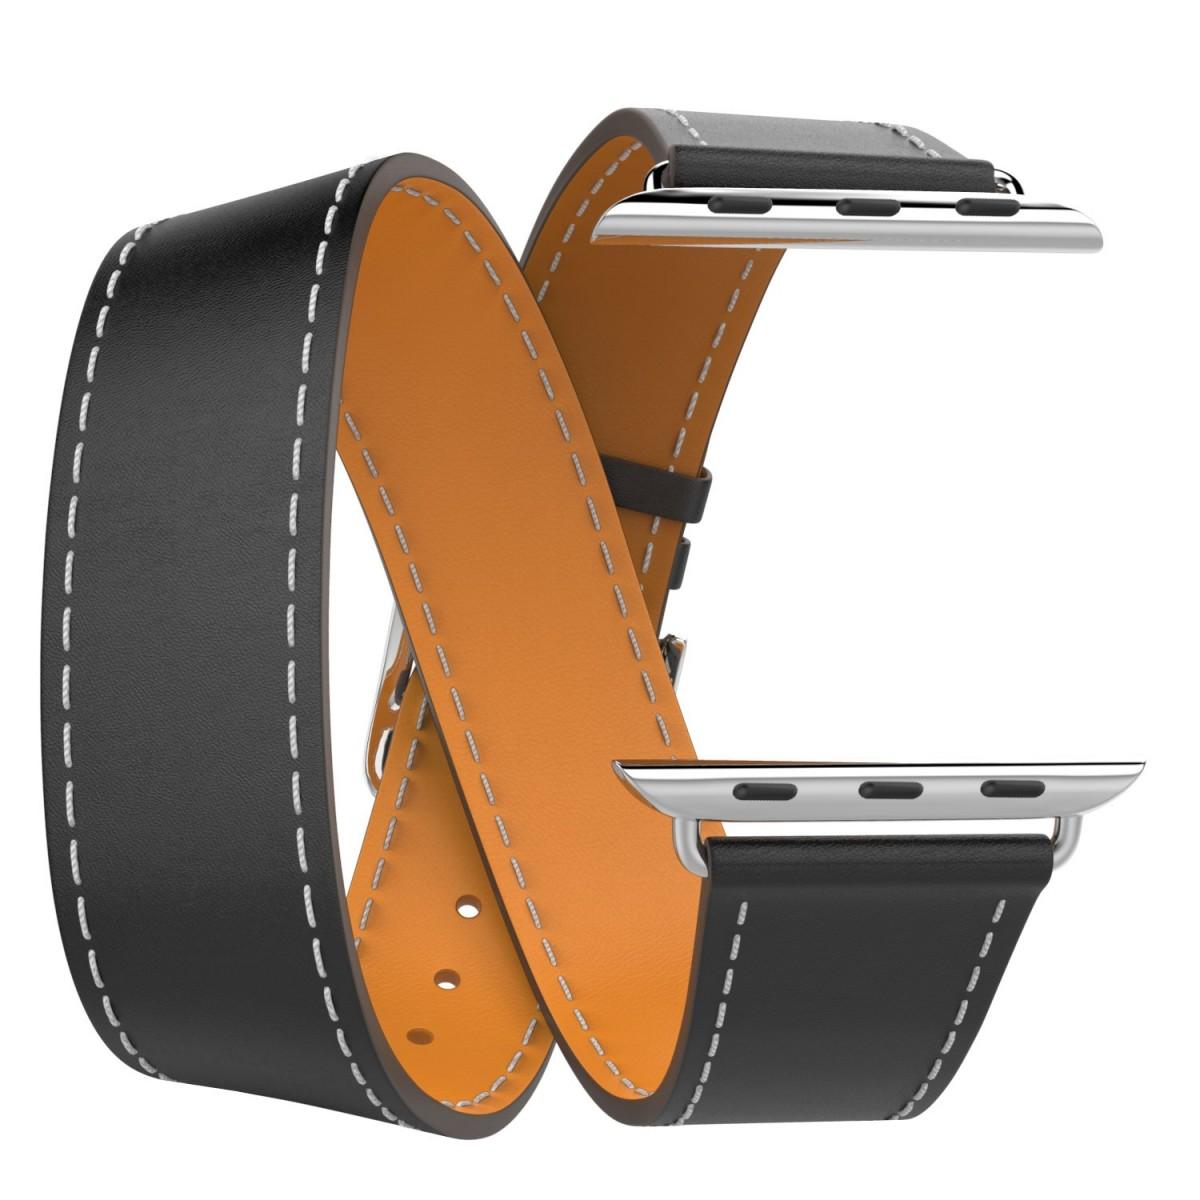 Řemínek Double Tour pro Apple Watch Series 3/2/1 (42mm) - Černý